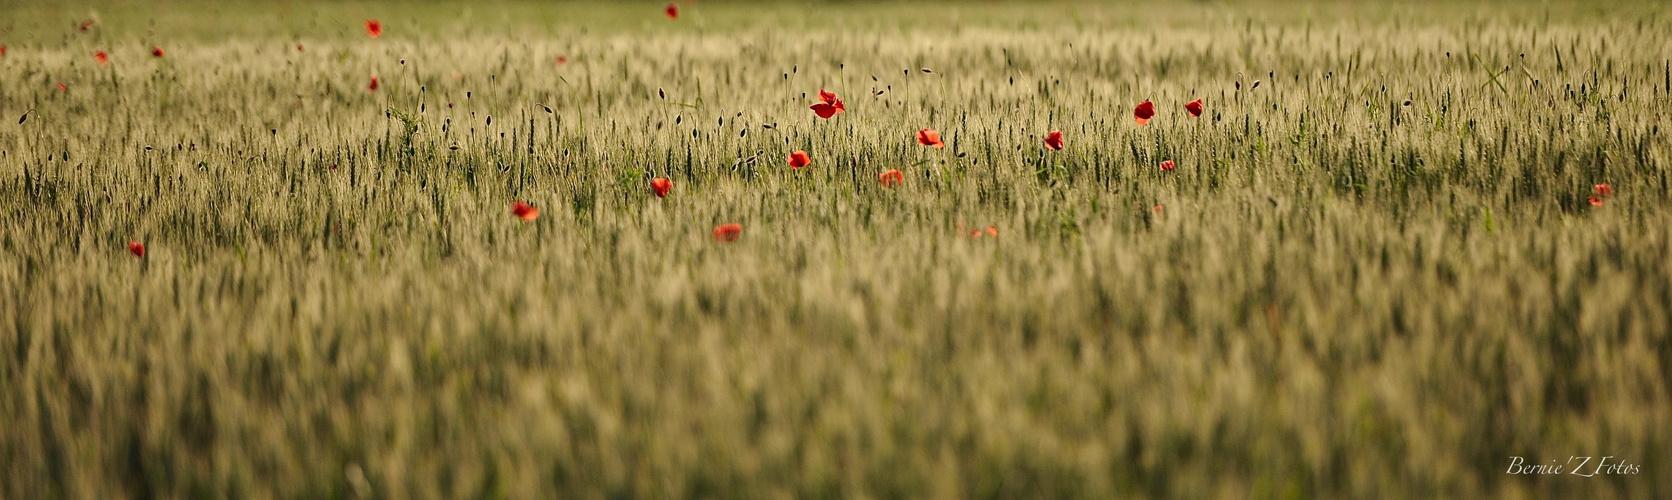 Champs de blé - Kornfeld